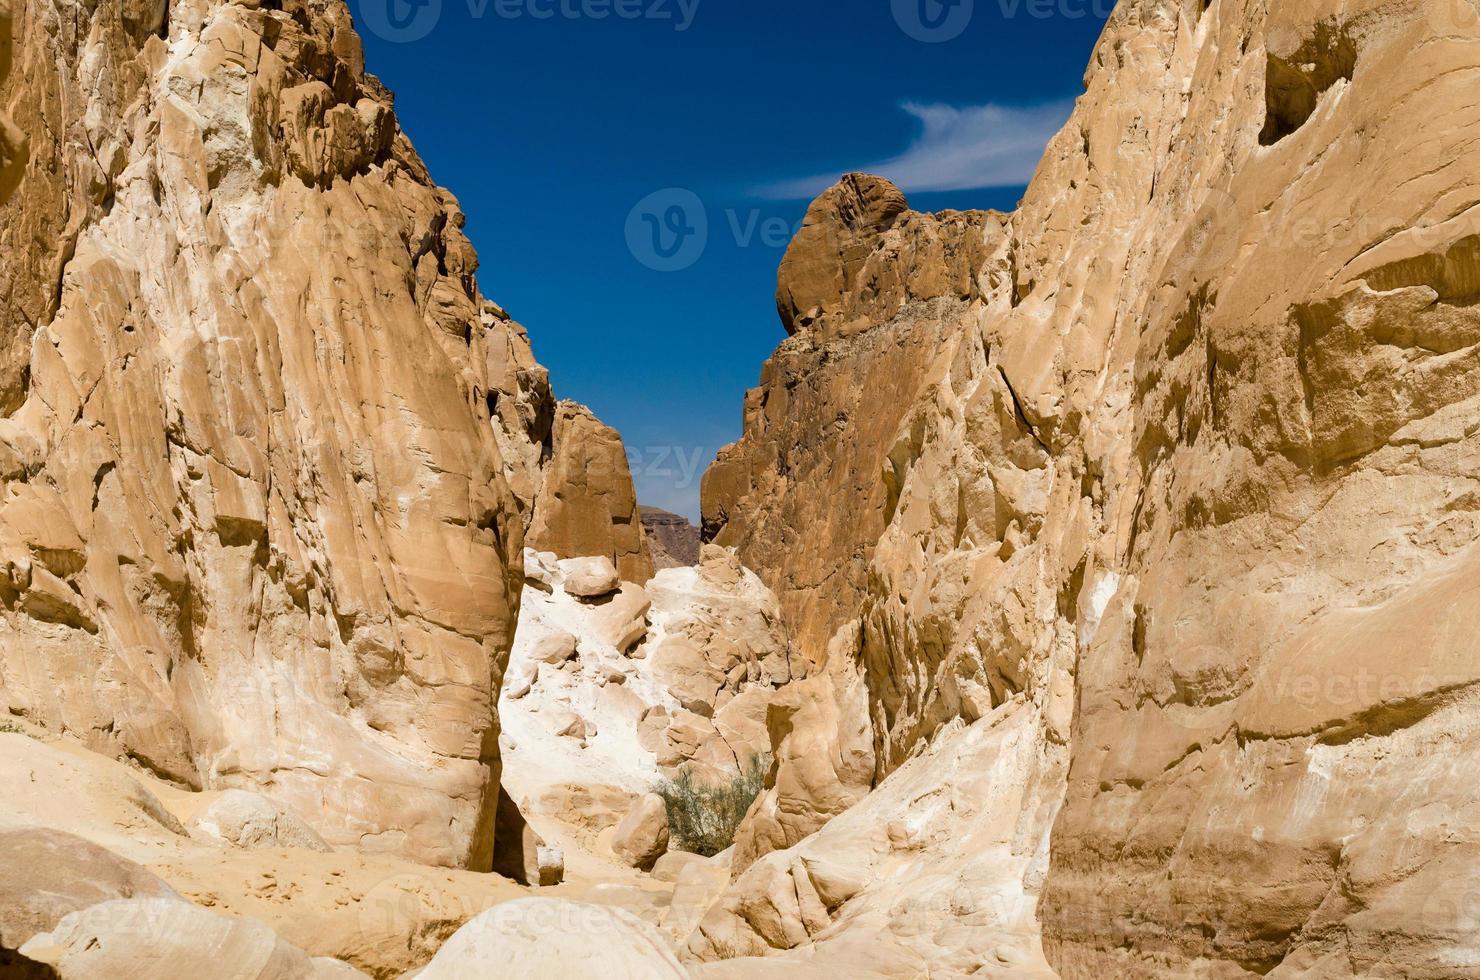 hautes montagnes rocheuses photo